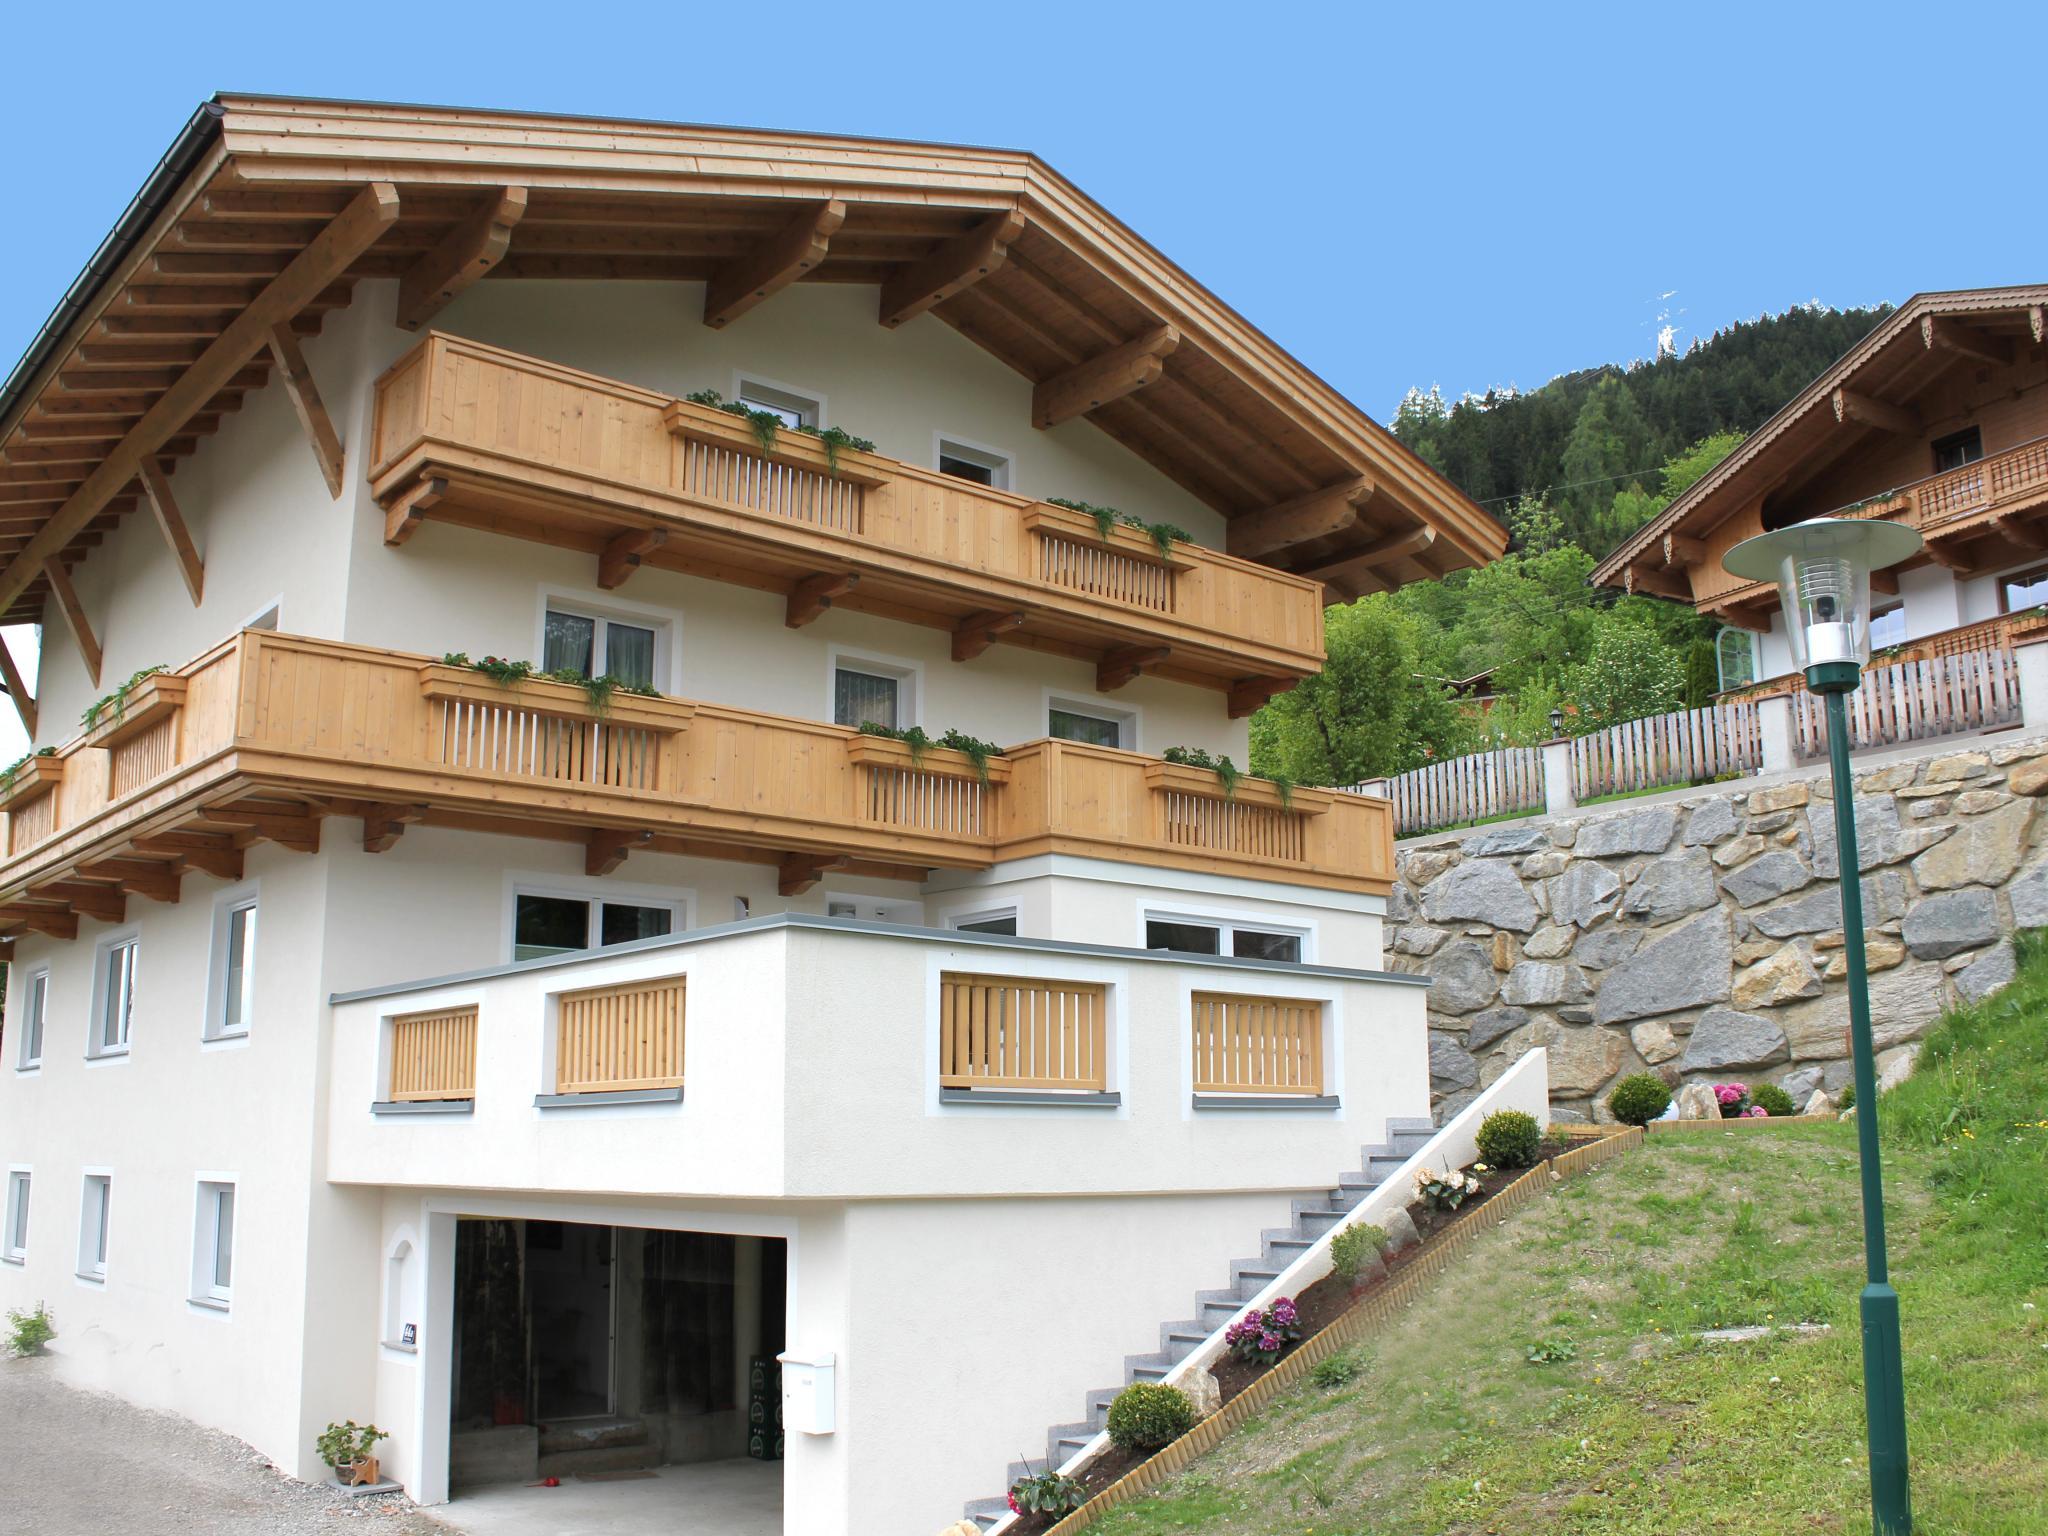 Obersteiner II Tirol